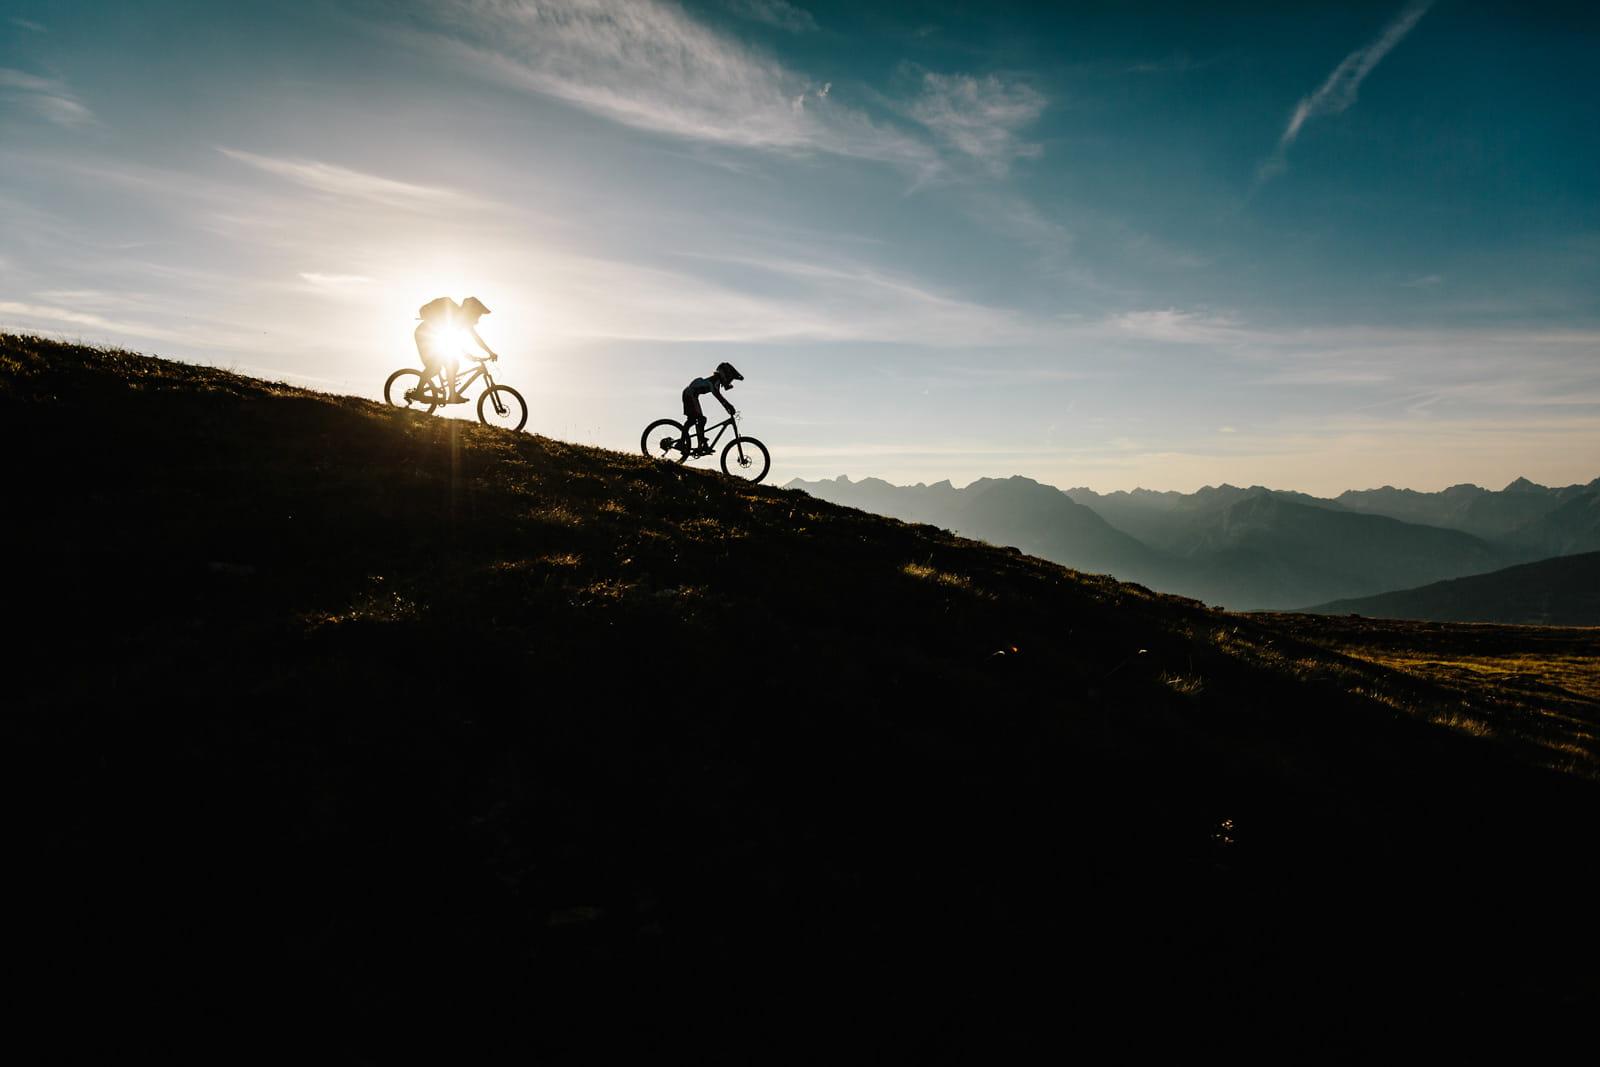 family-biking-auf-dem-frommestrail-c-staronphoto